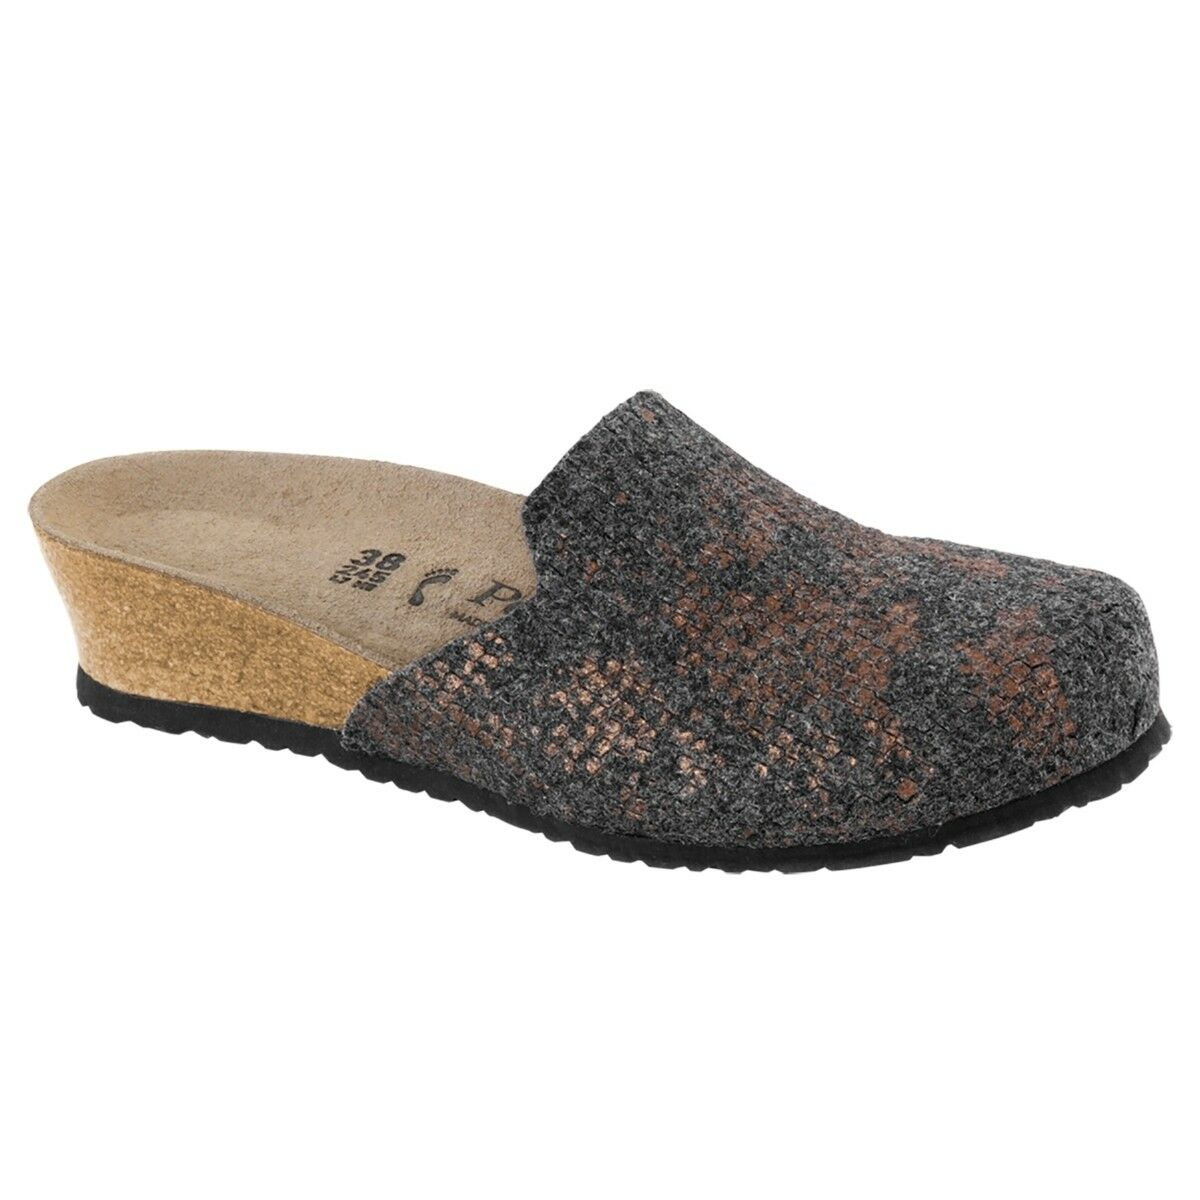 Birkenstock Schuhe Papillio Lucy Wollfilz Clog Schuhe Birkenstock anthracite Weite schmal 1007075 56dd7b